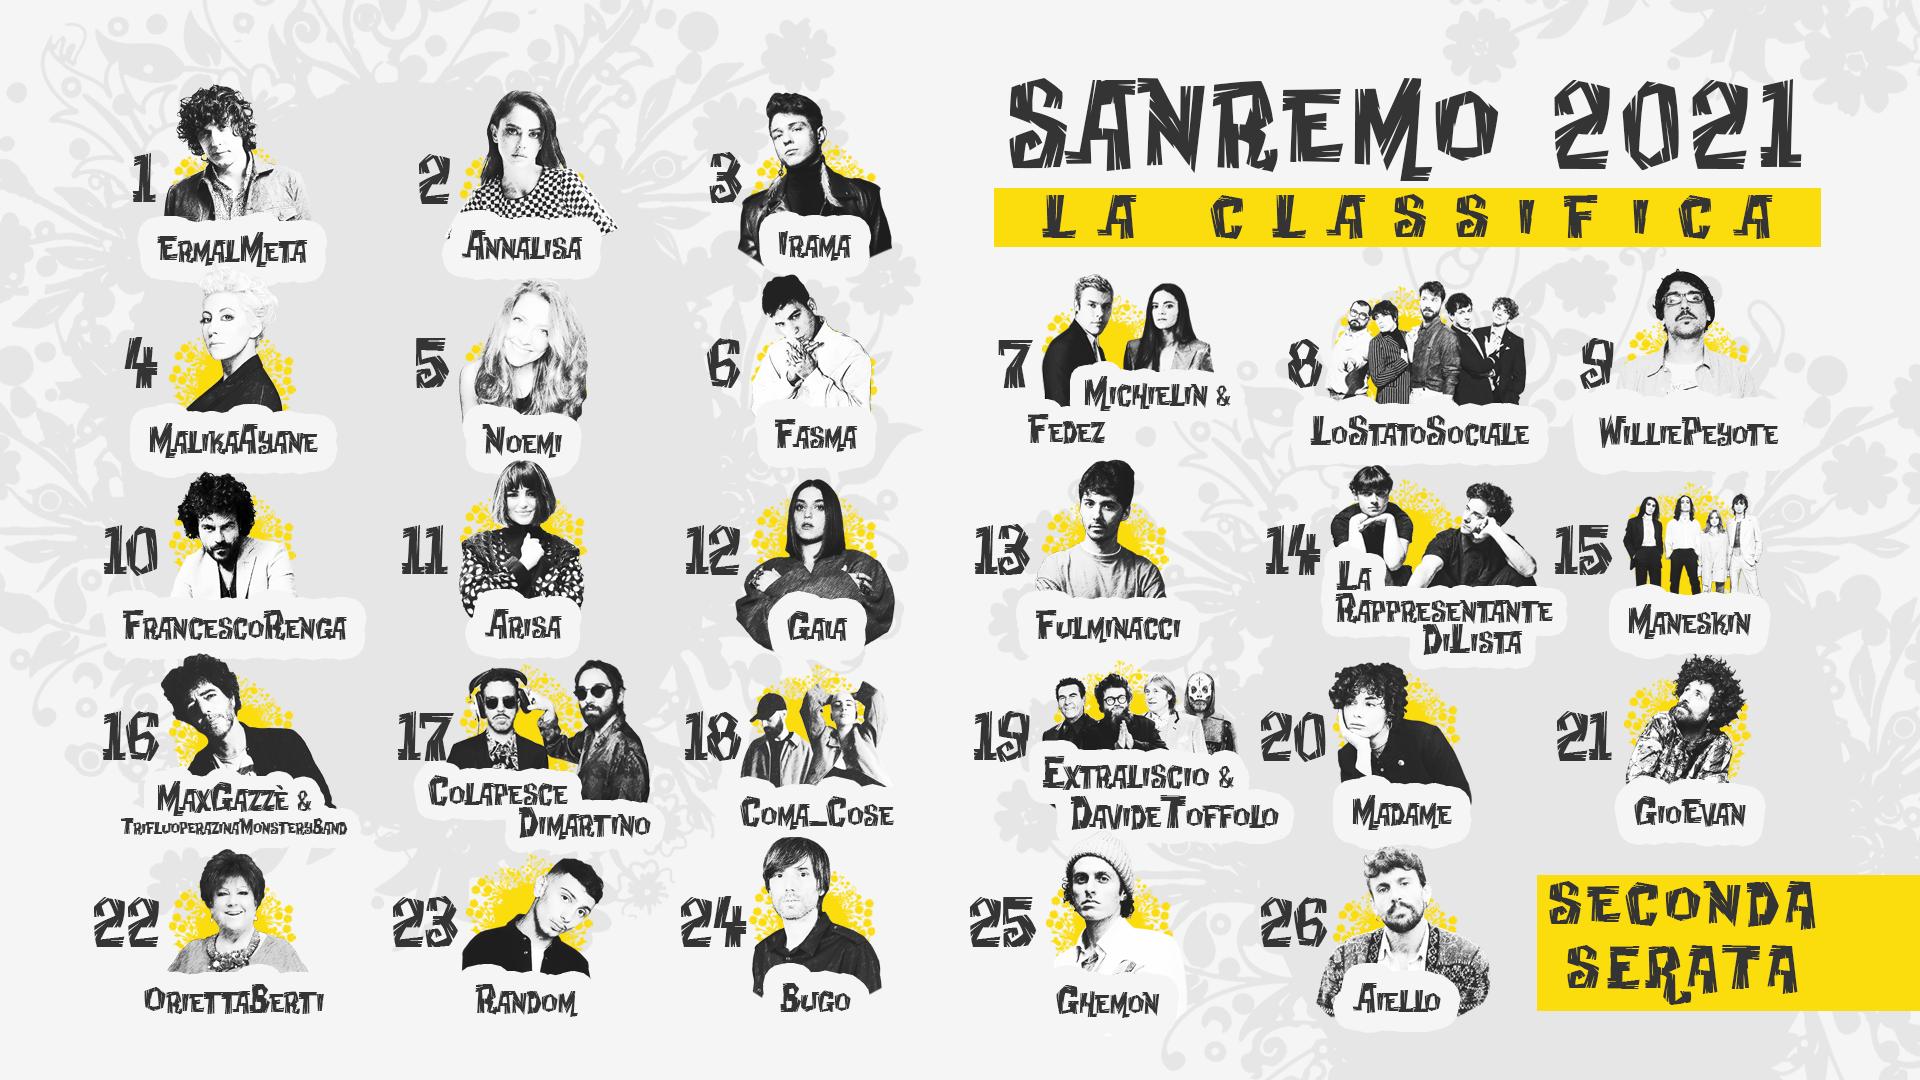 Sanremo 2021, la classifica ufficiale della seconda serata vs la classifica di Open